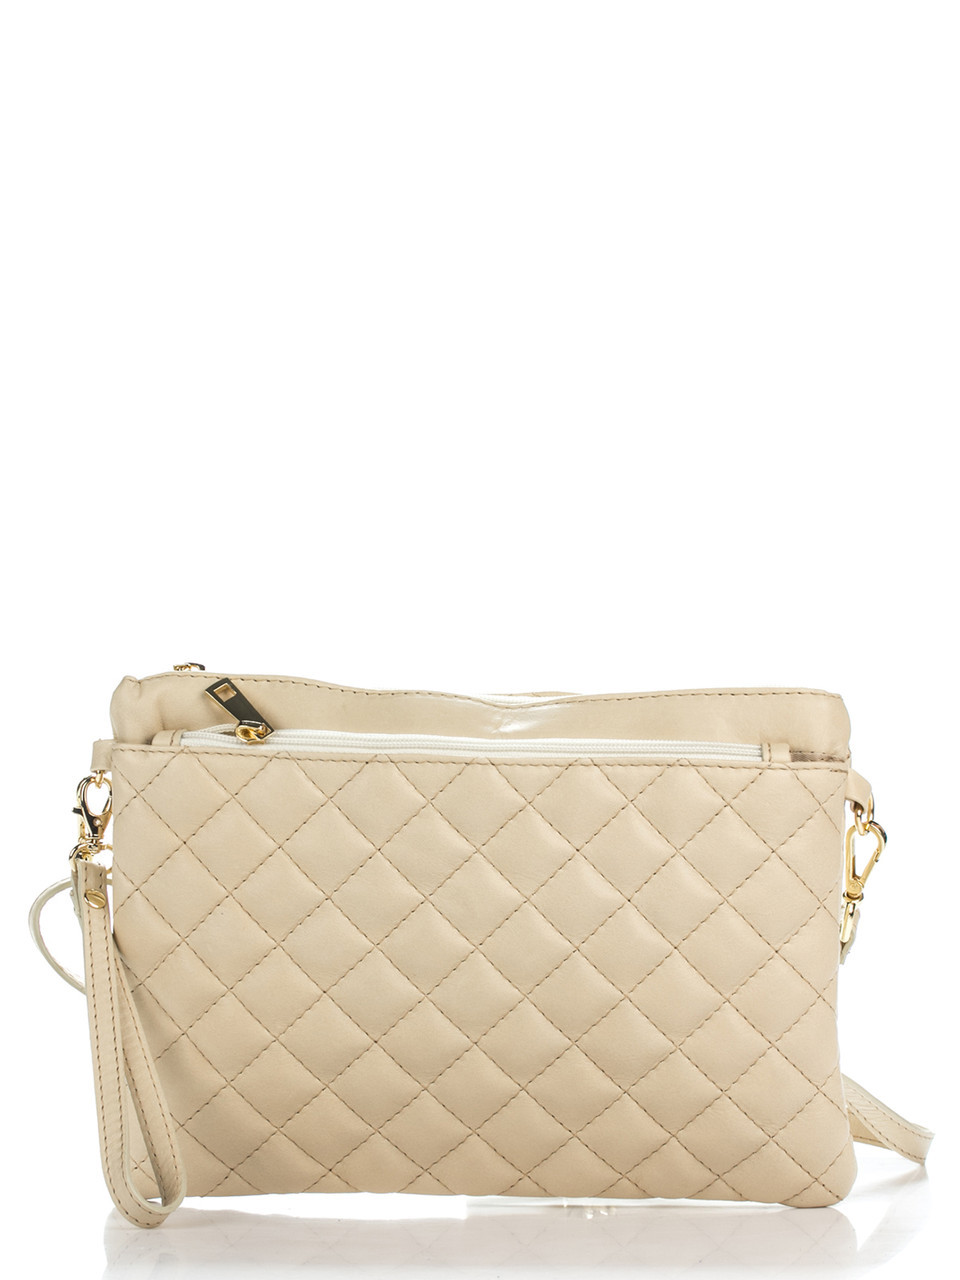 Женская кожаная сумка KIM Diva's Bag цвет бежевый